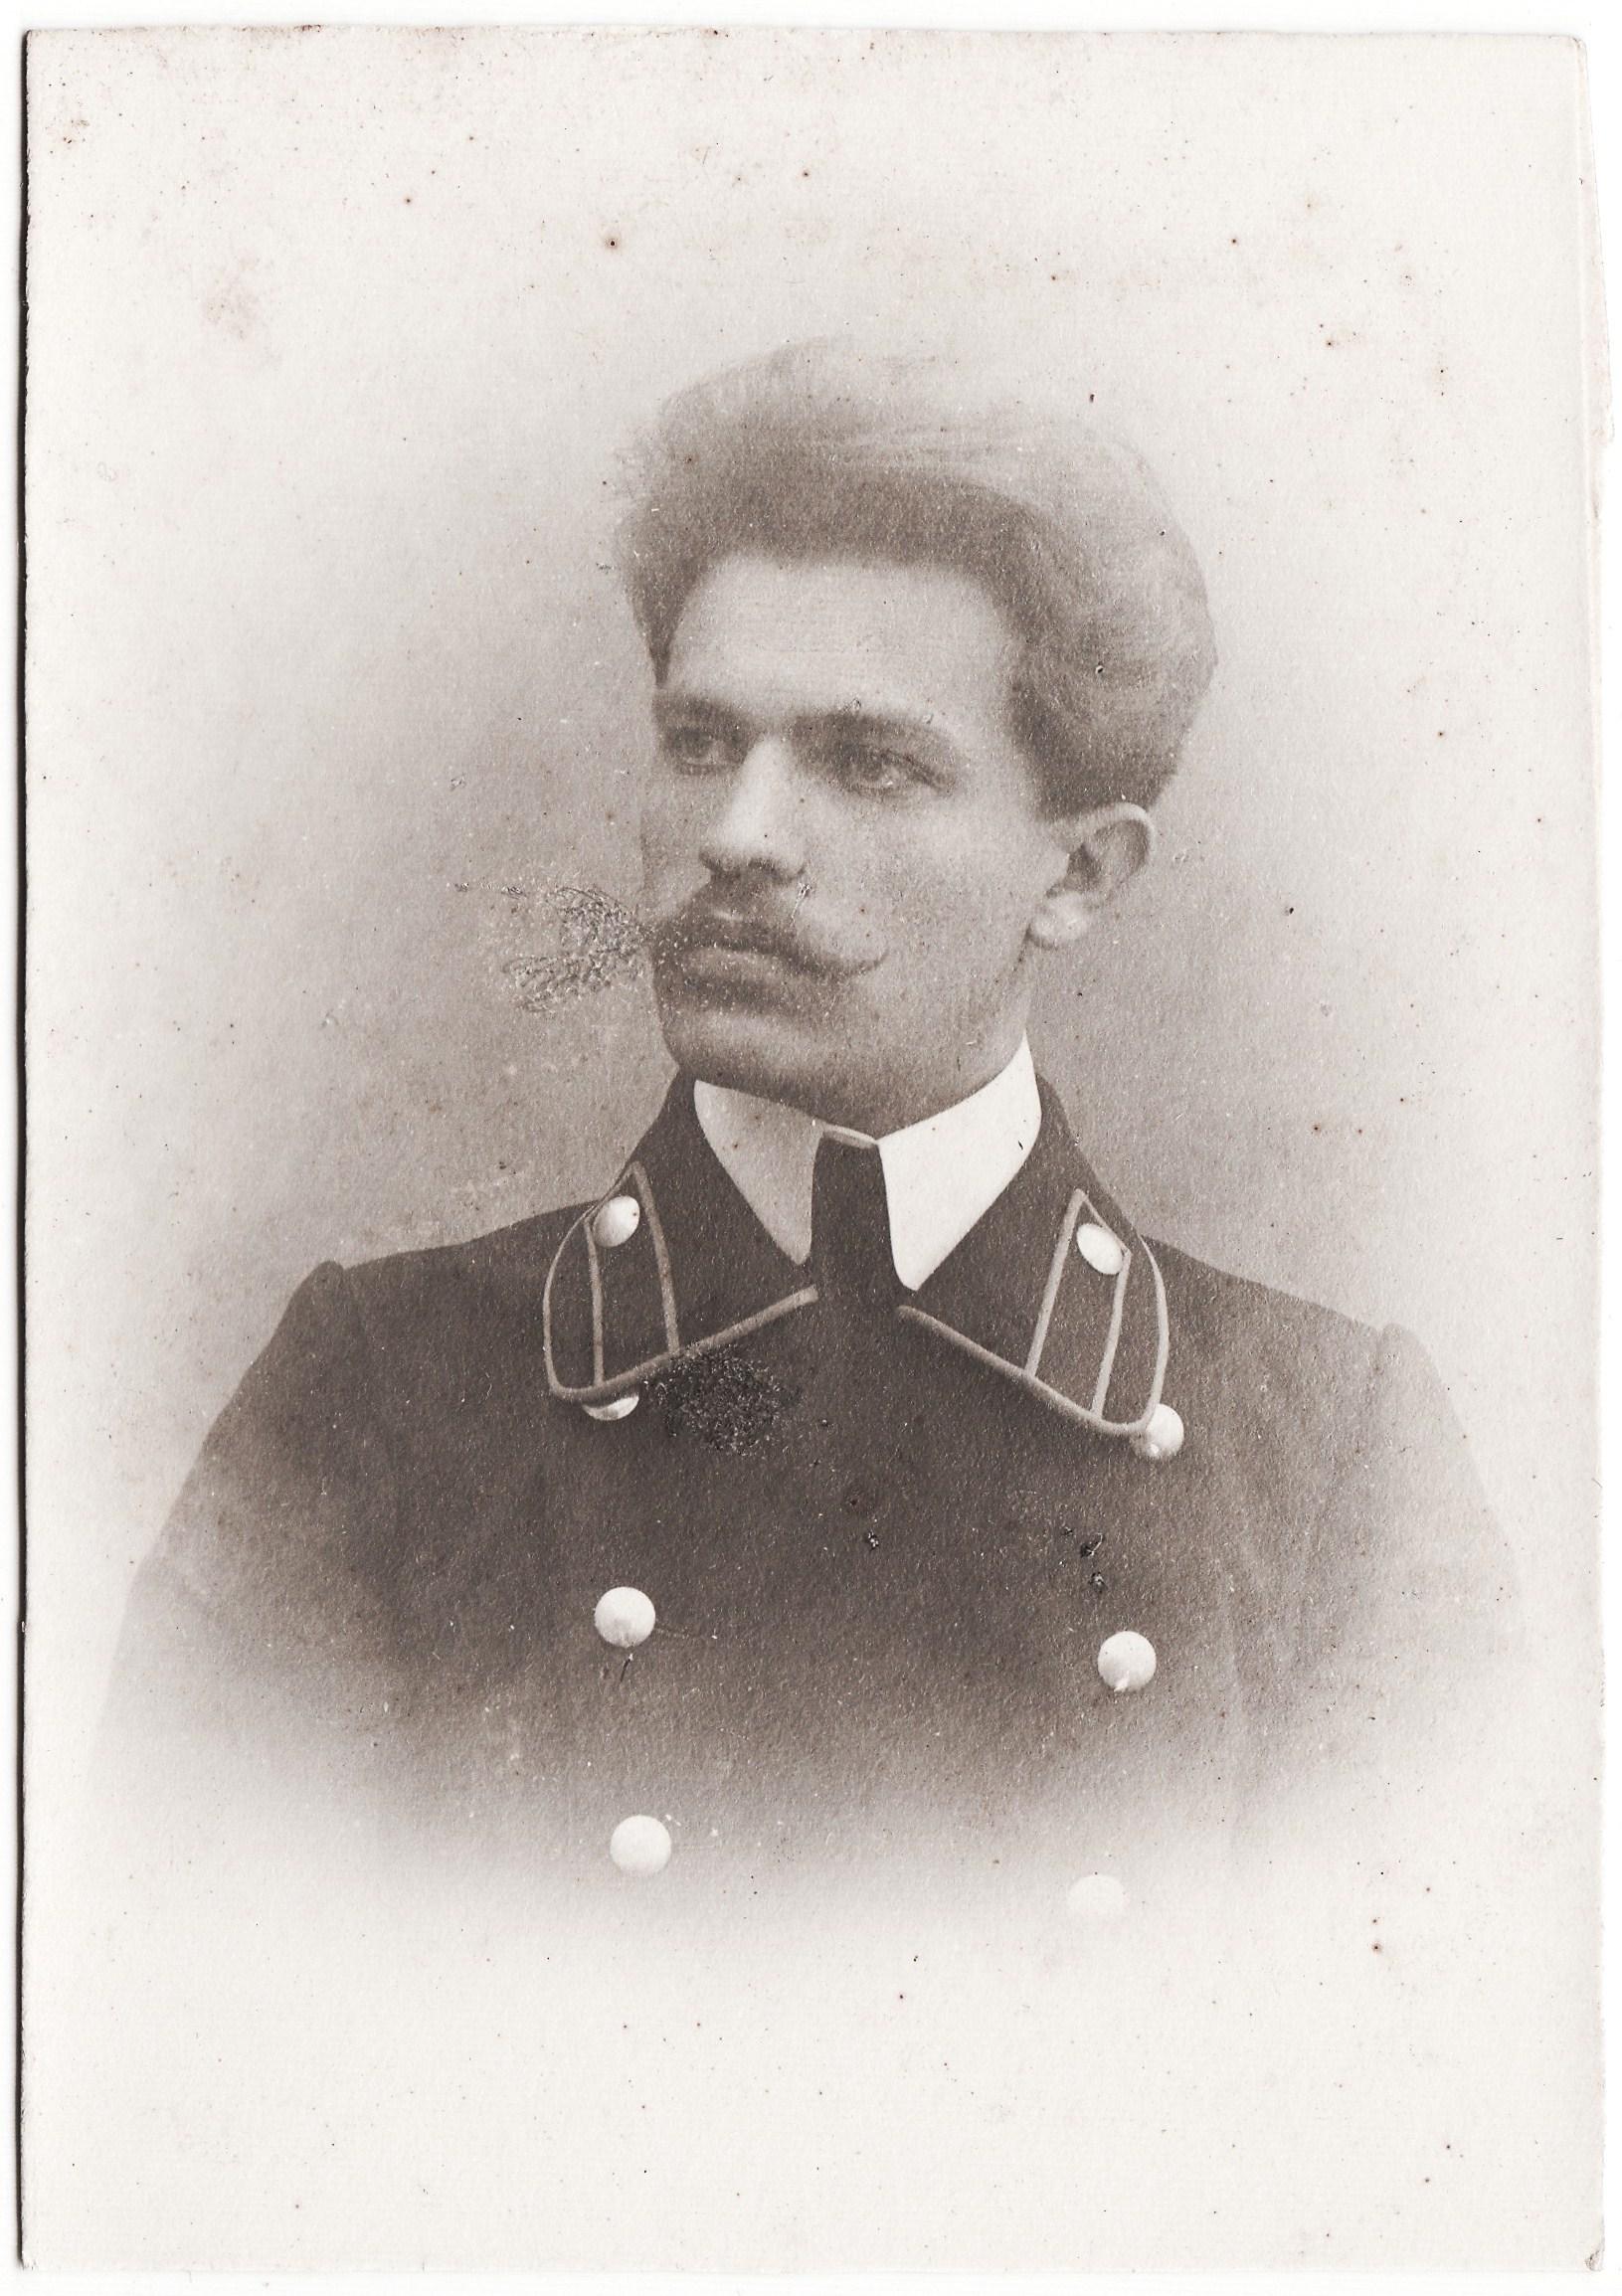 Студент Владимиров Николай. II отделение 2 разряд